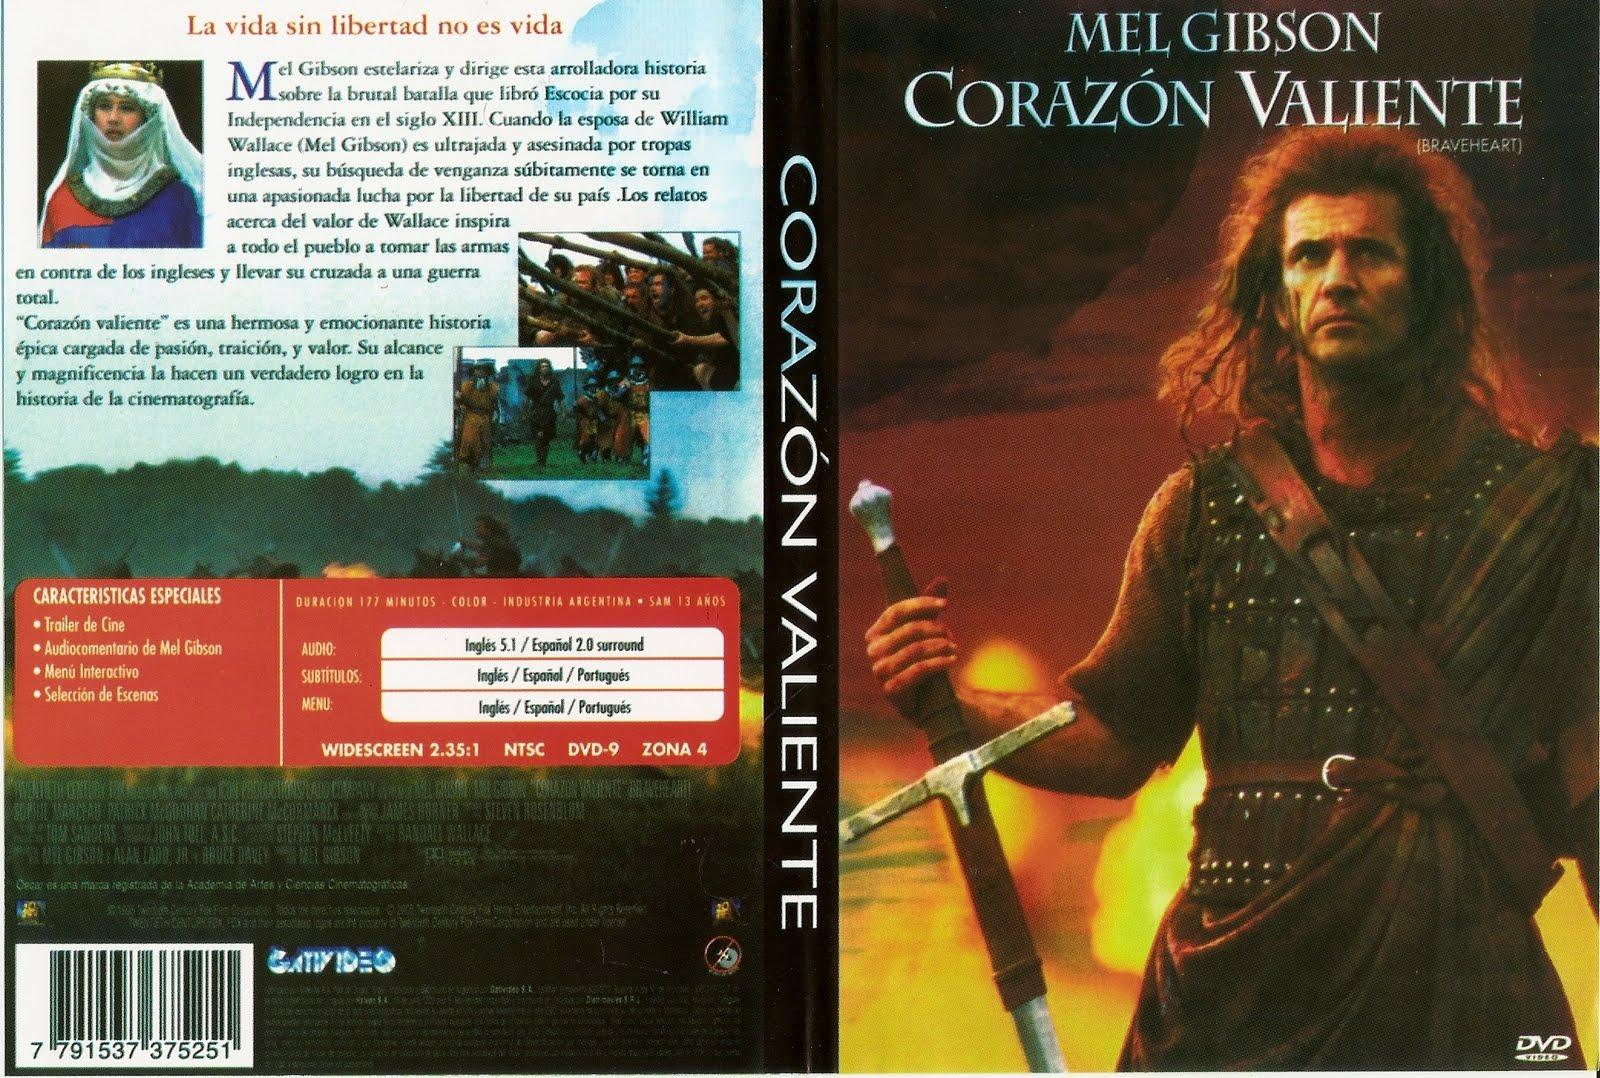 Peliculas disponibles en dvd corazon valiente Corazon valiente pelicula